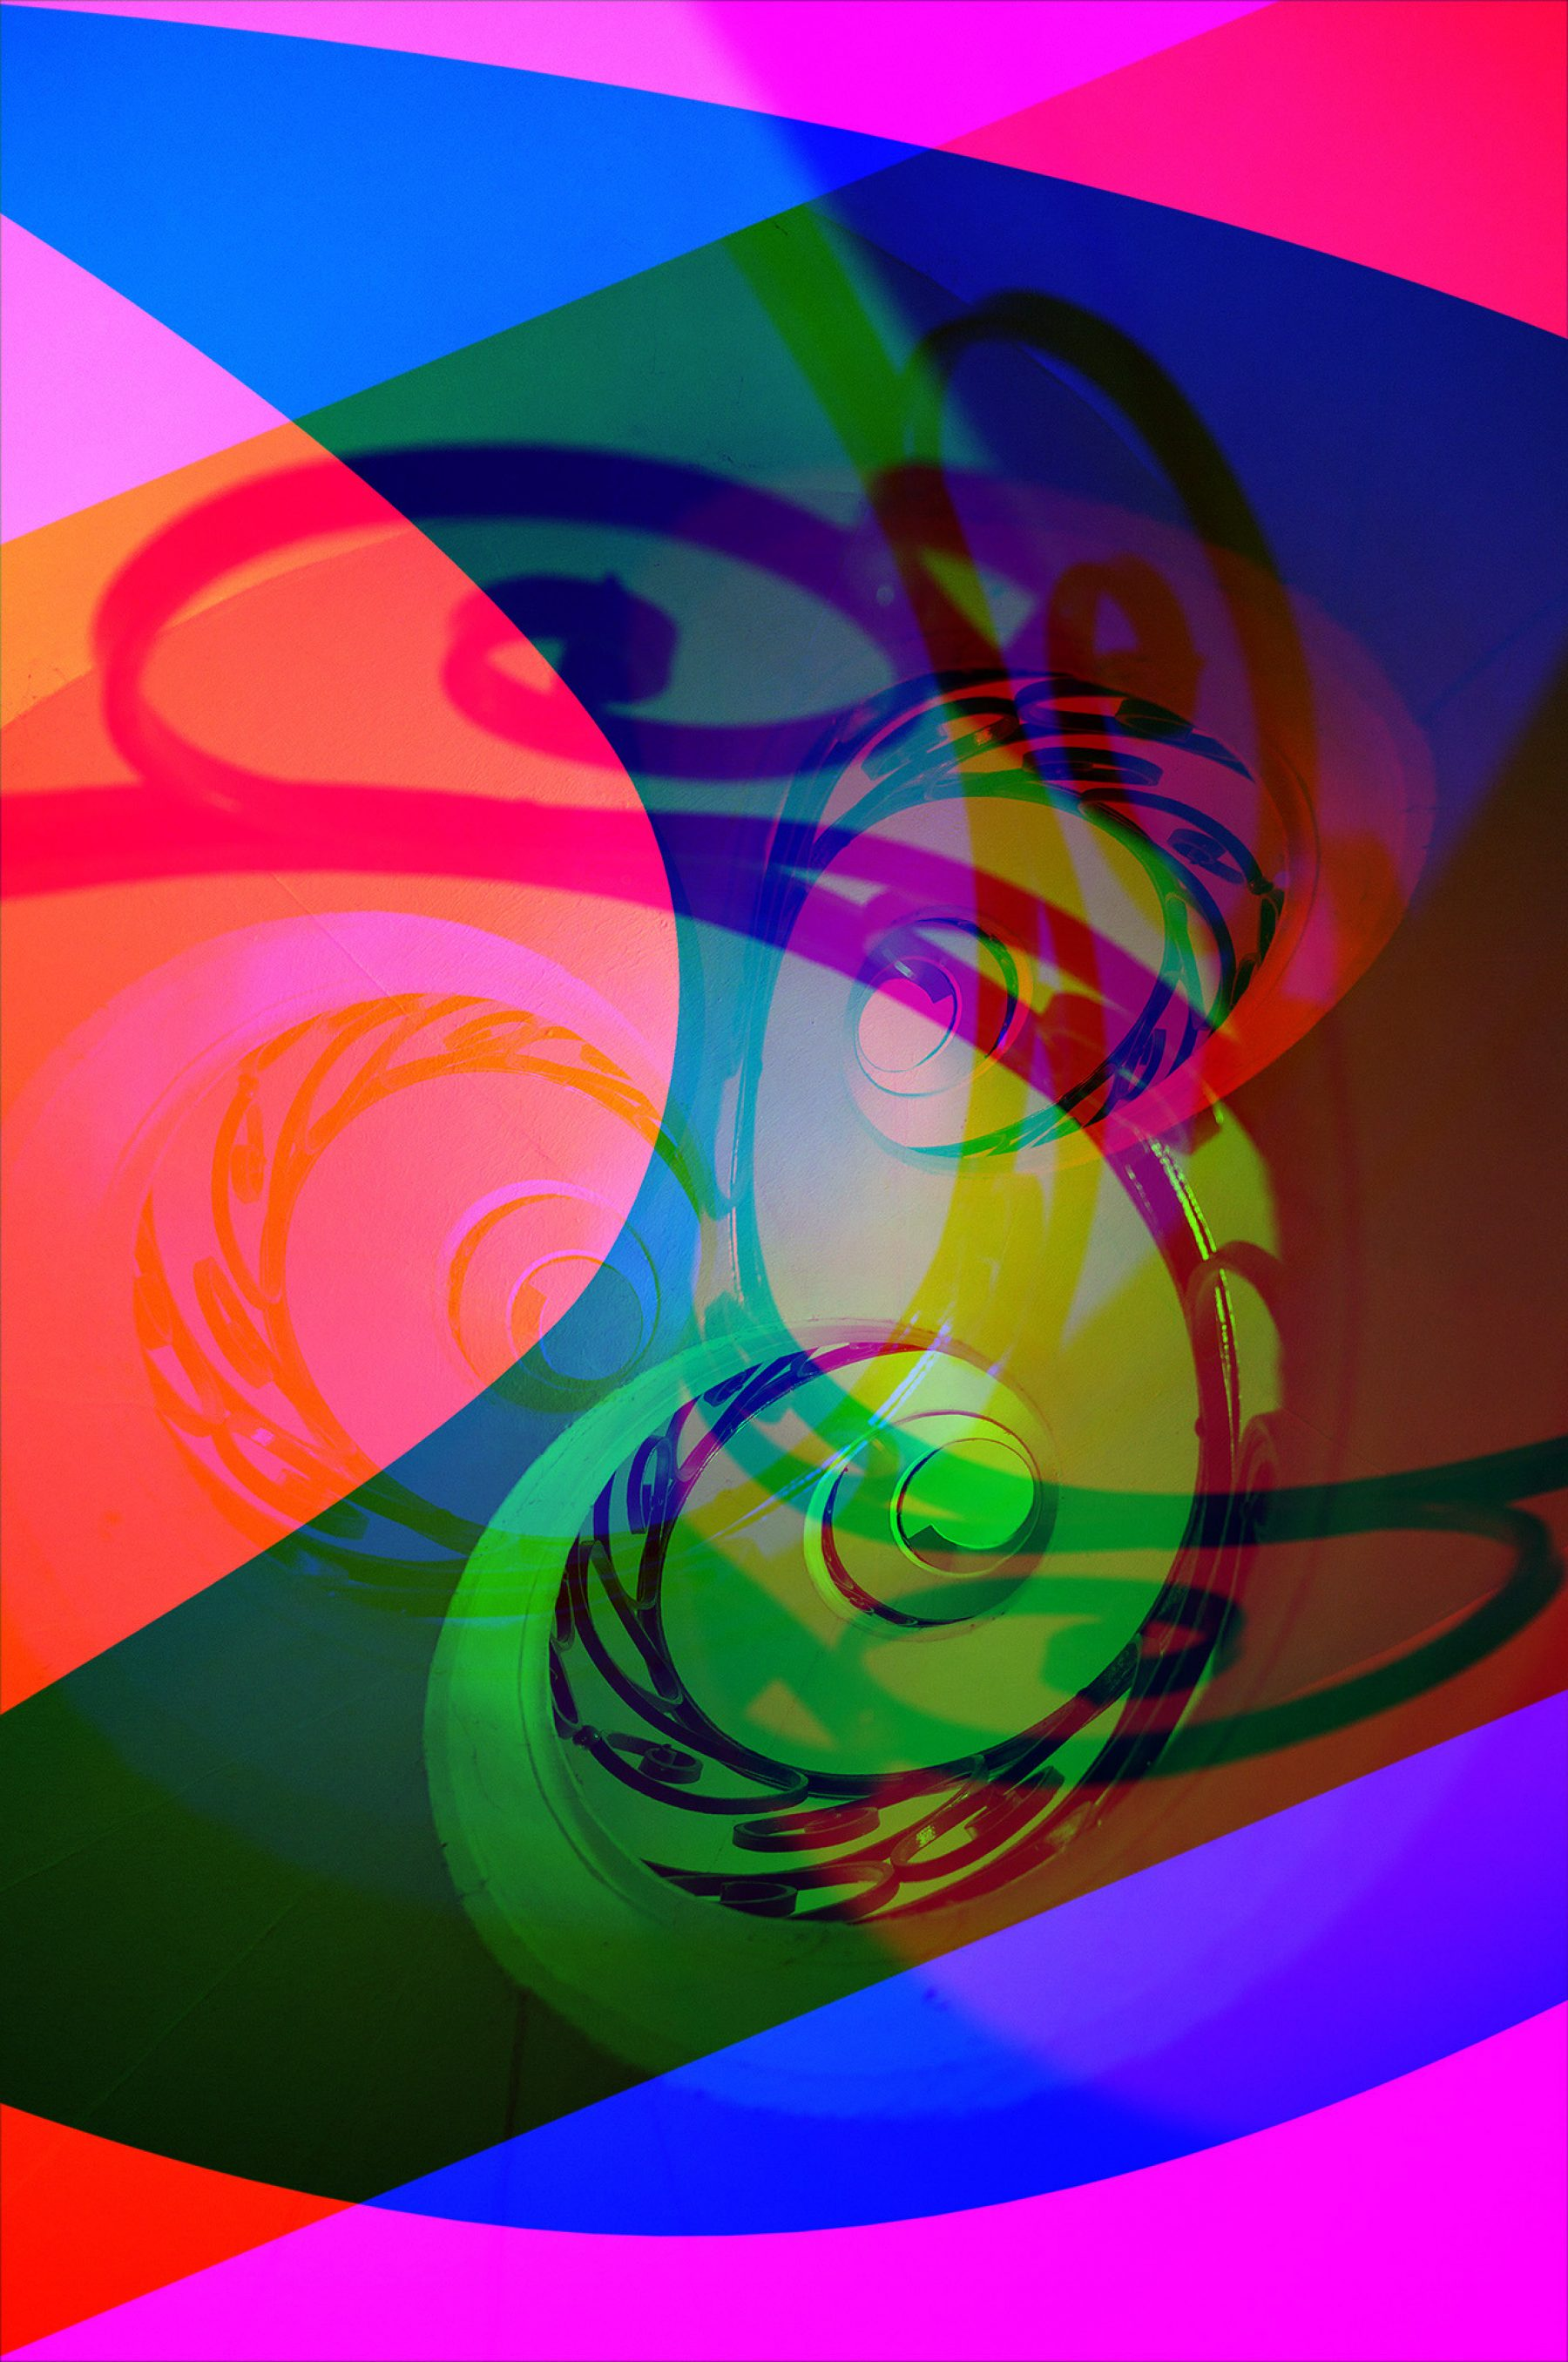 Spirale gef schwarz mehrfach